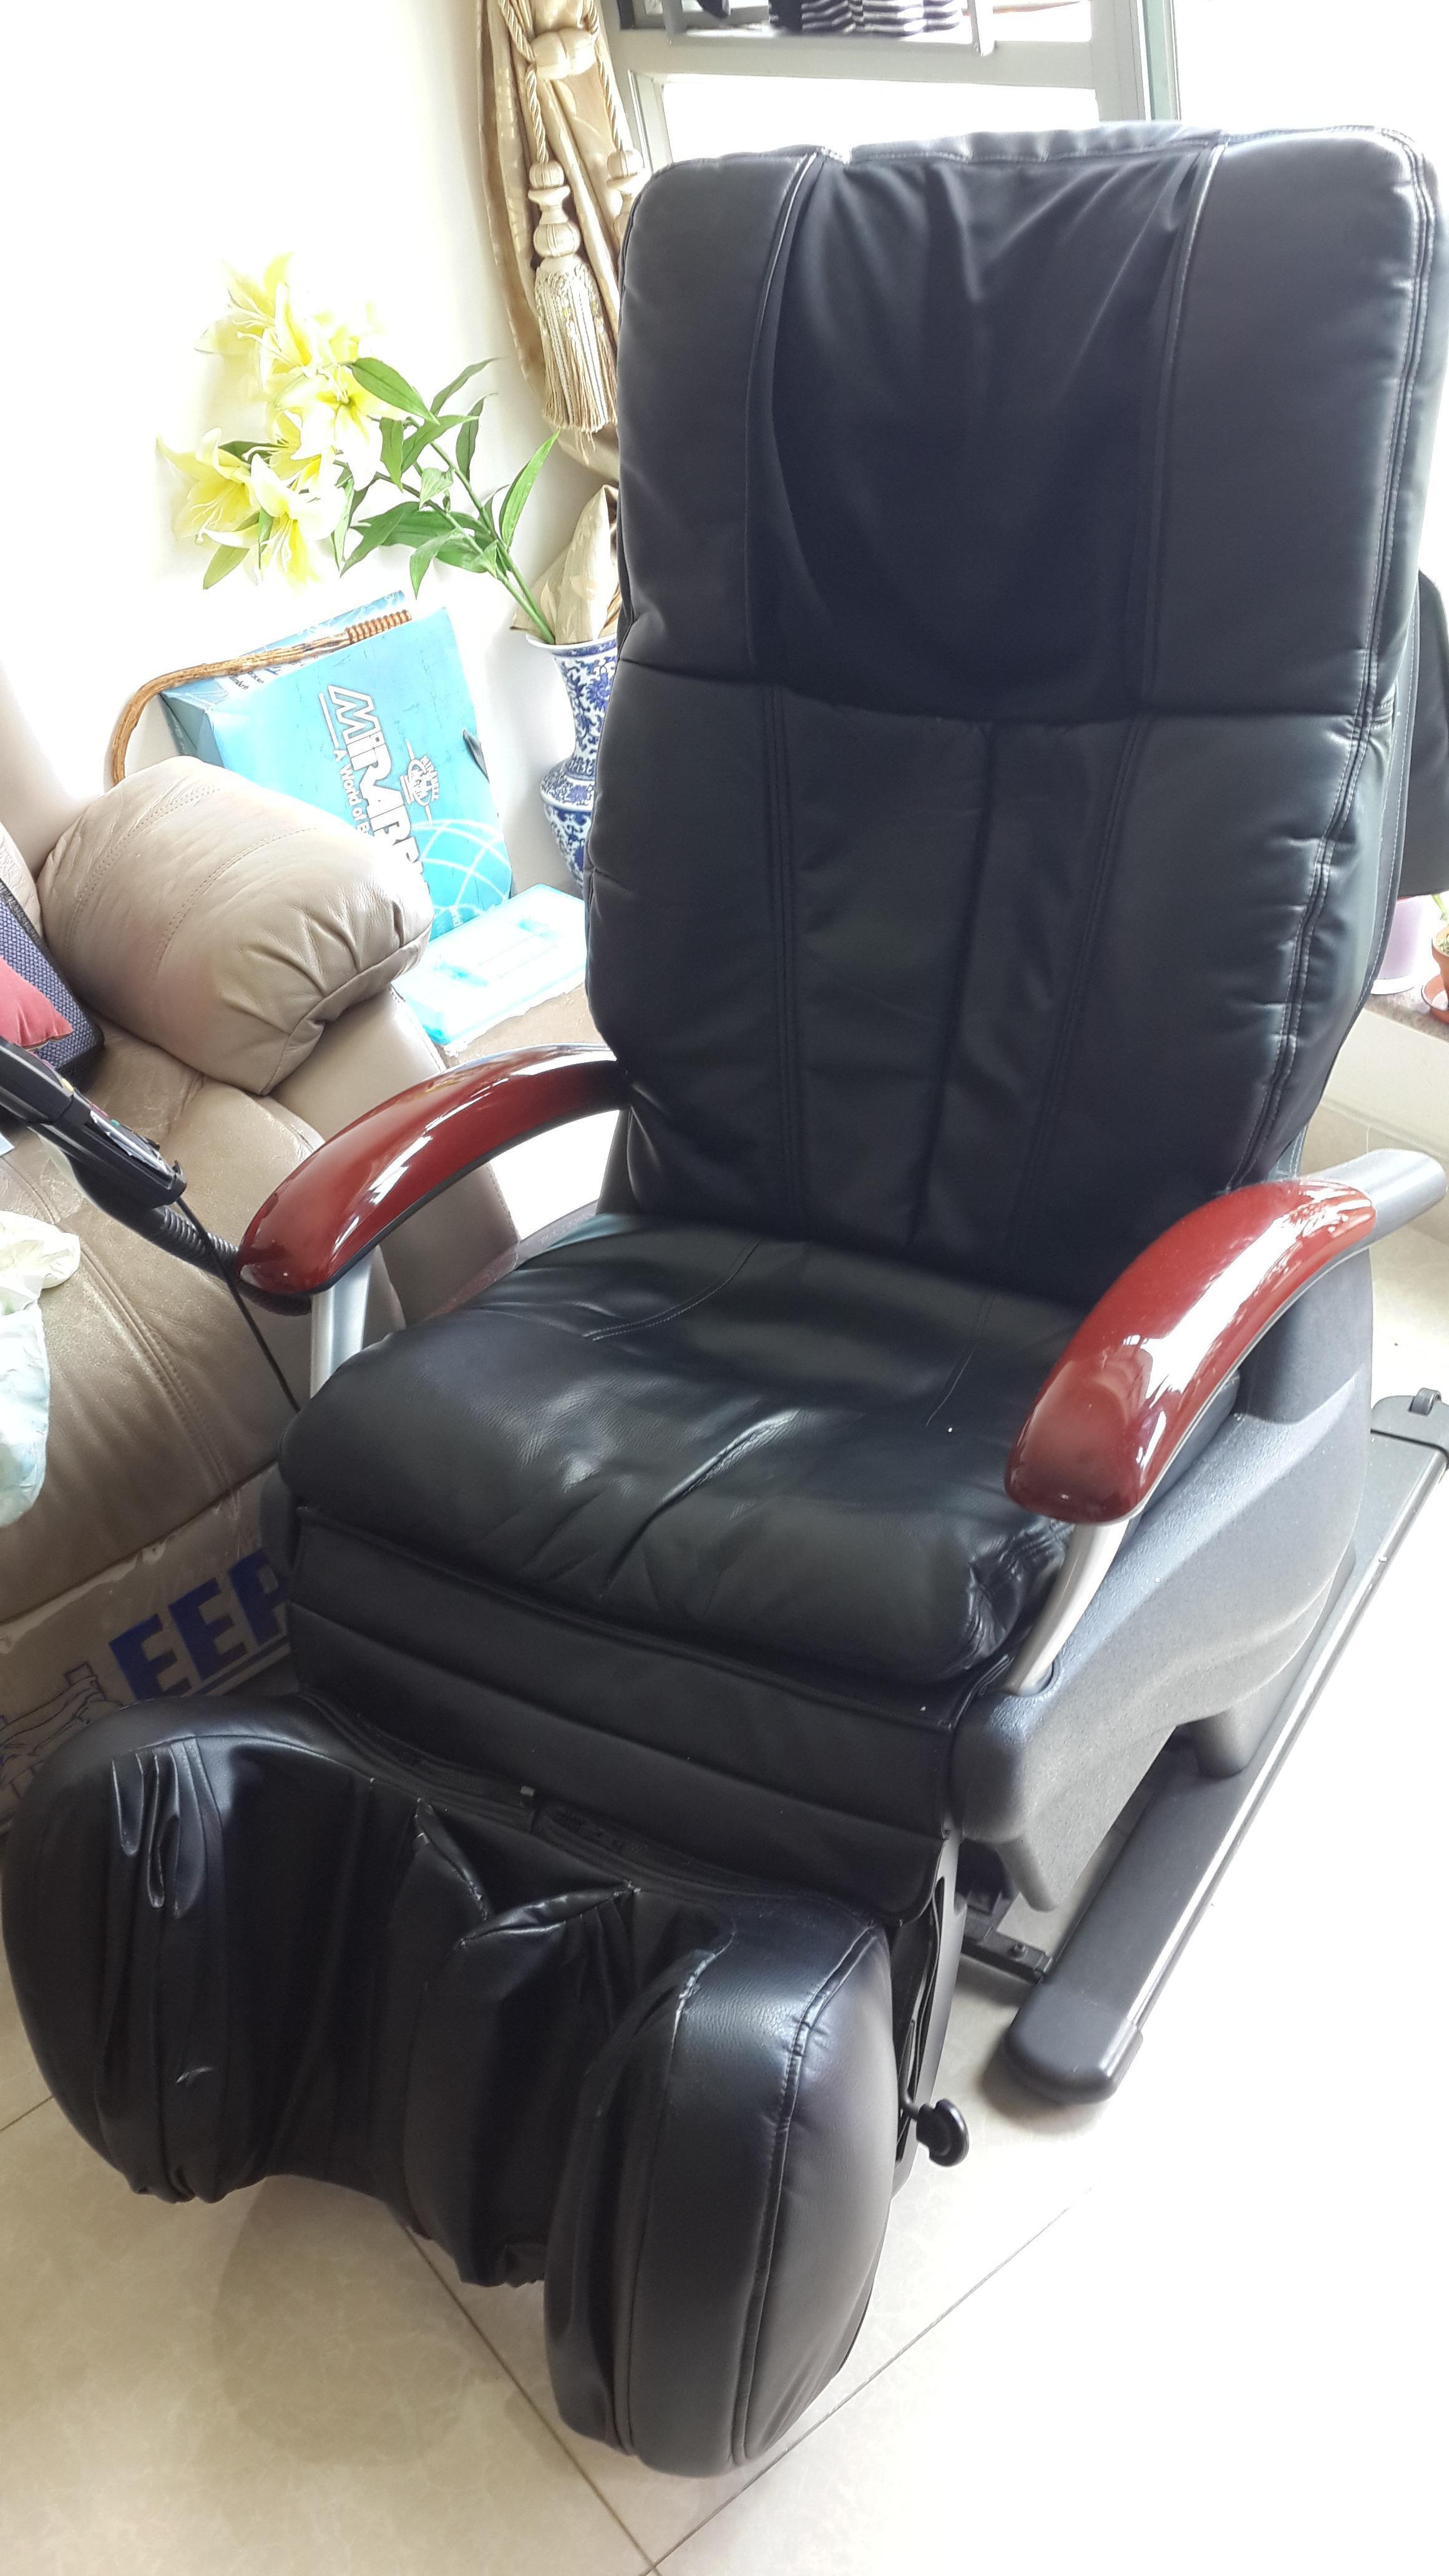 beautiful osim ustyle2 massage chair awesome | inmunoanalisis